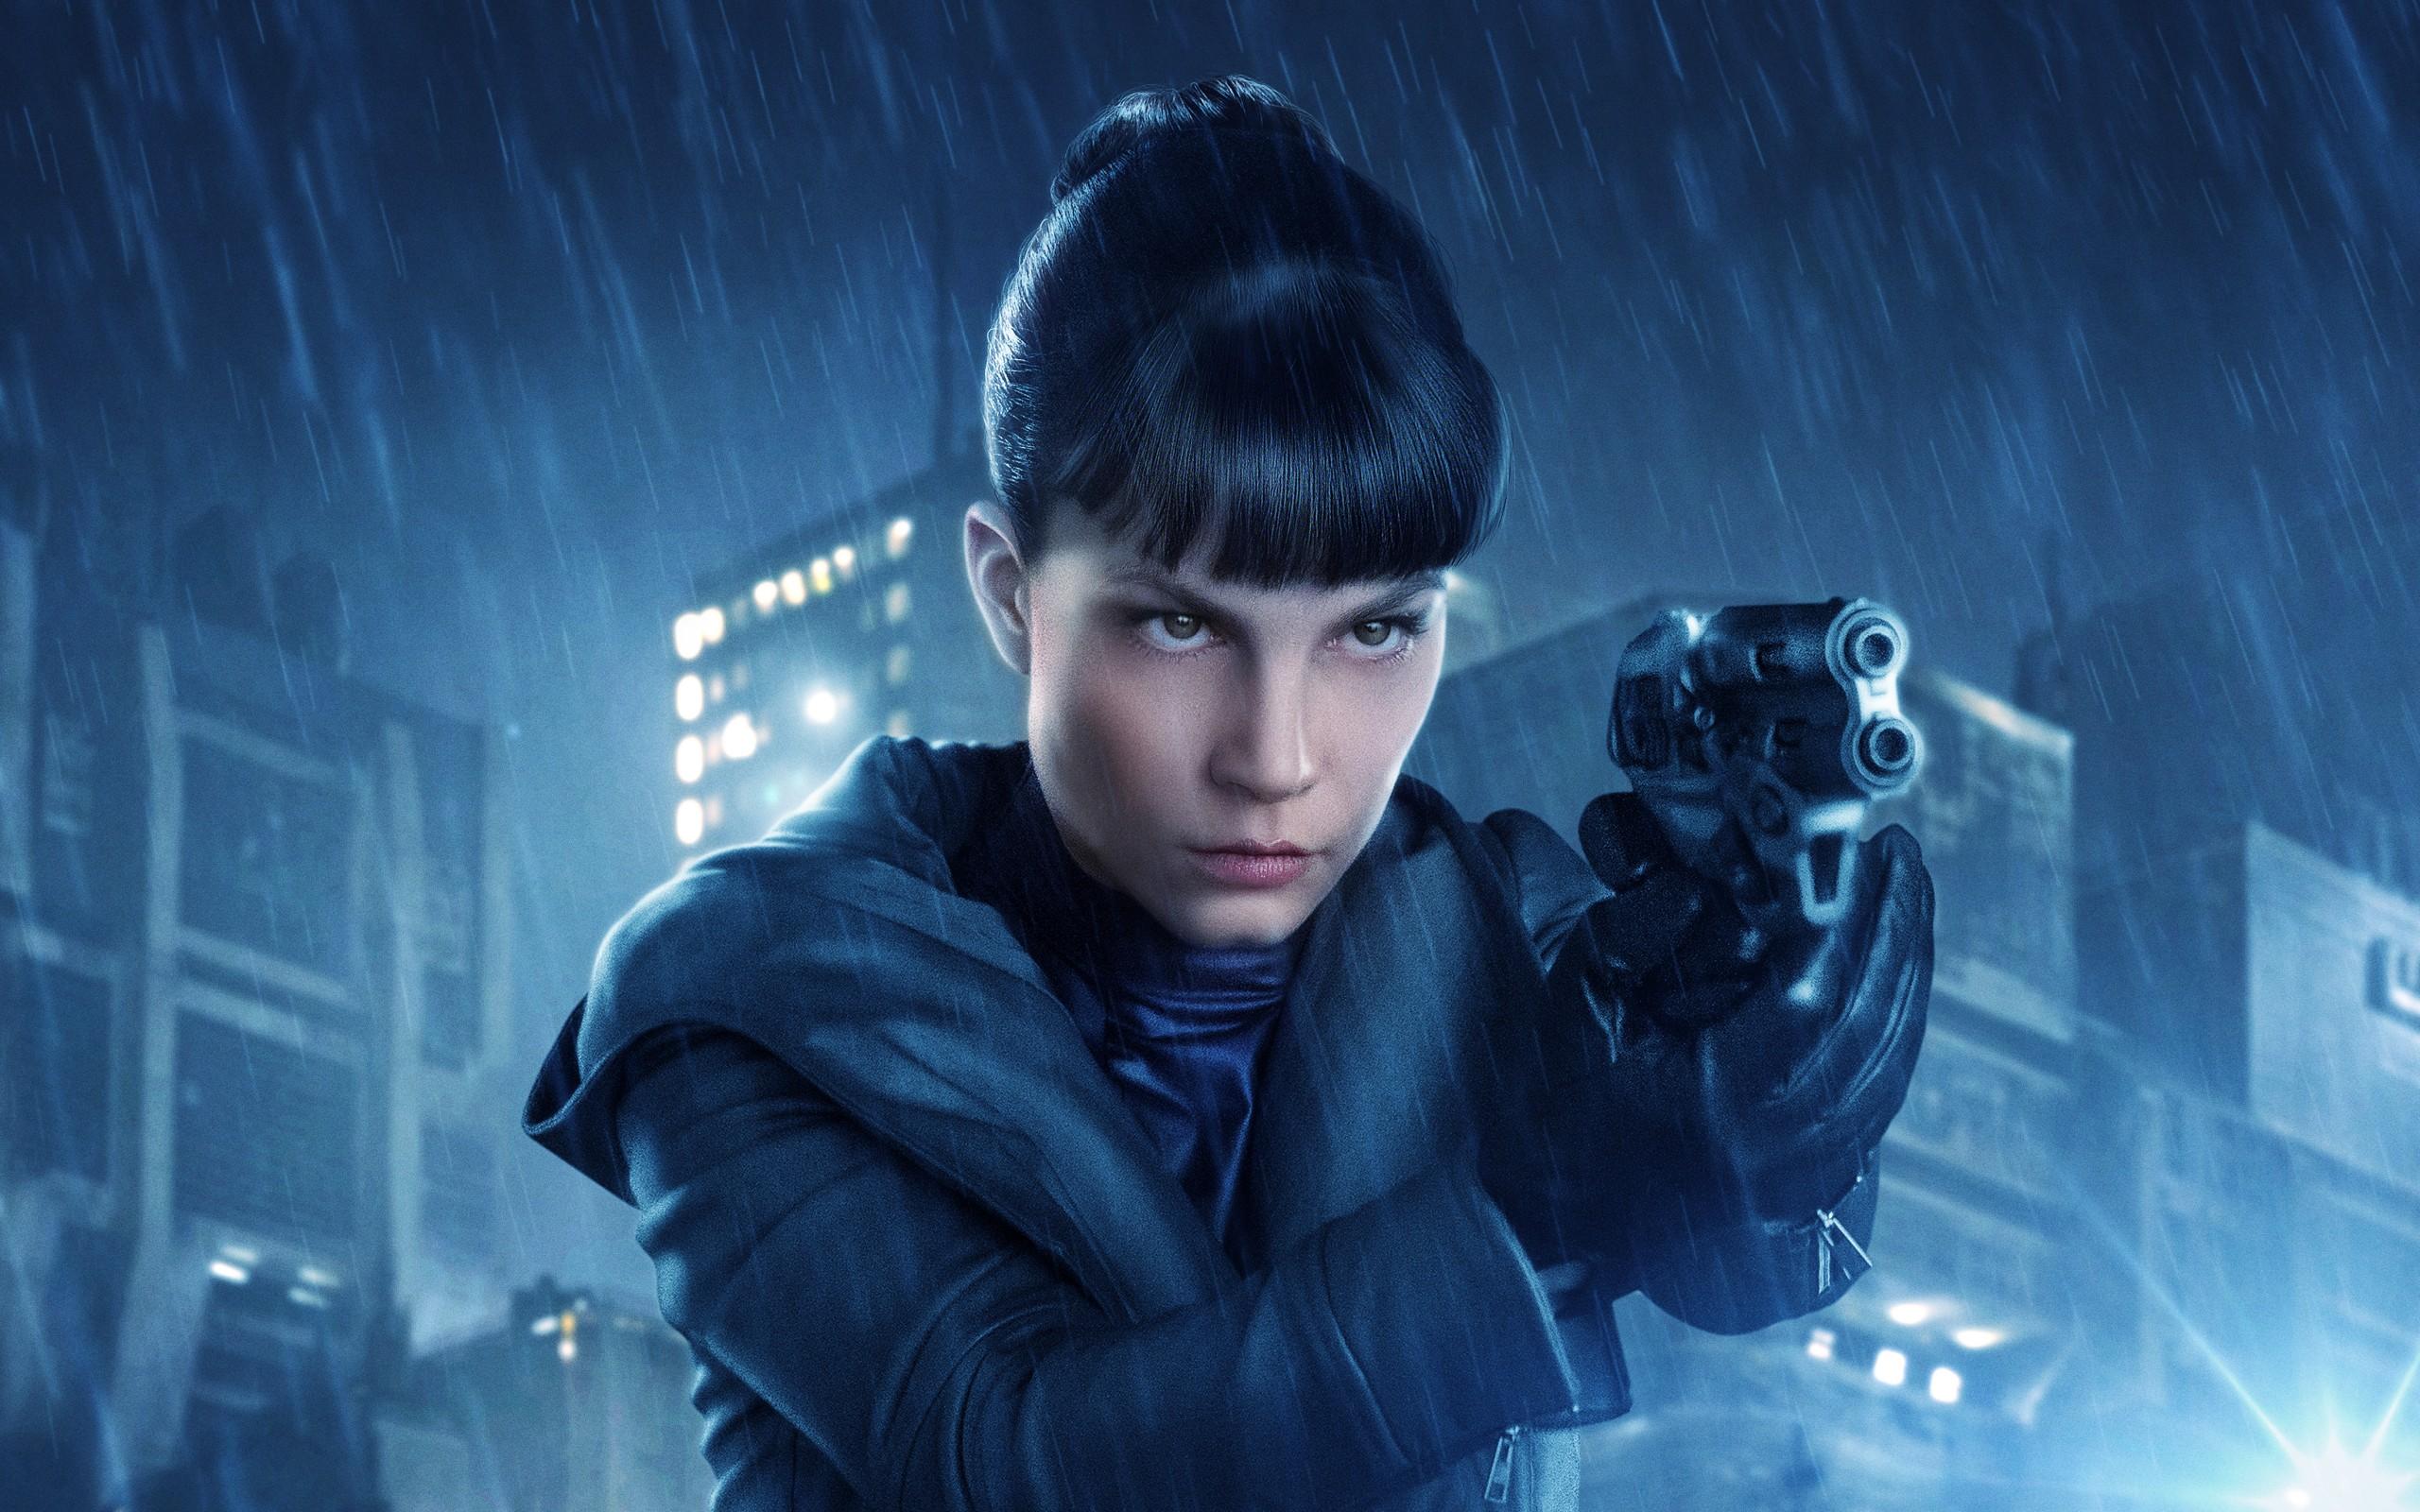 Sylvia Hoeks In Blade Runner 2049 4k Wallpapers Hd Wallpapers